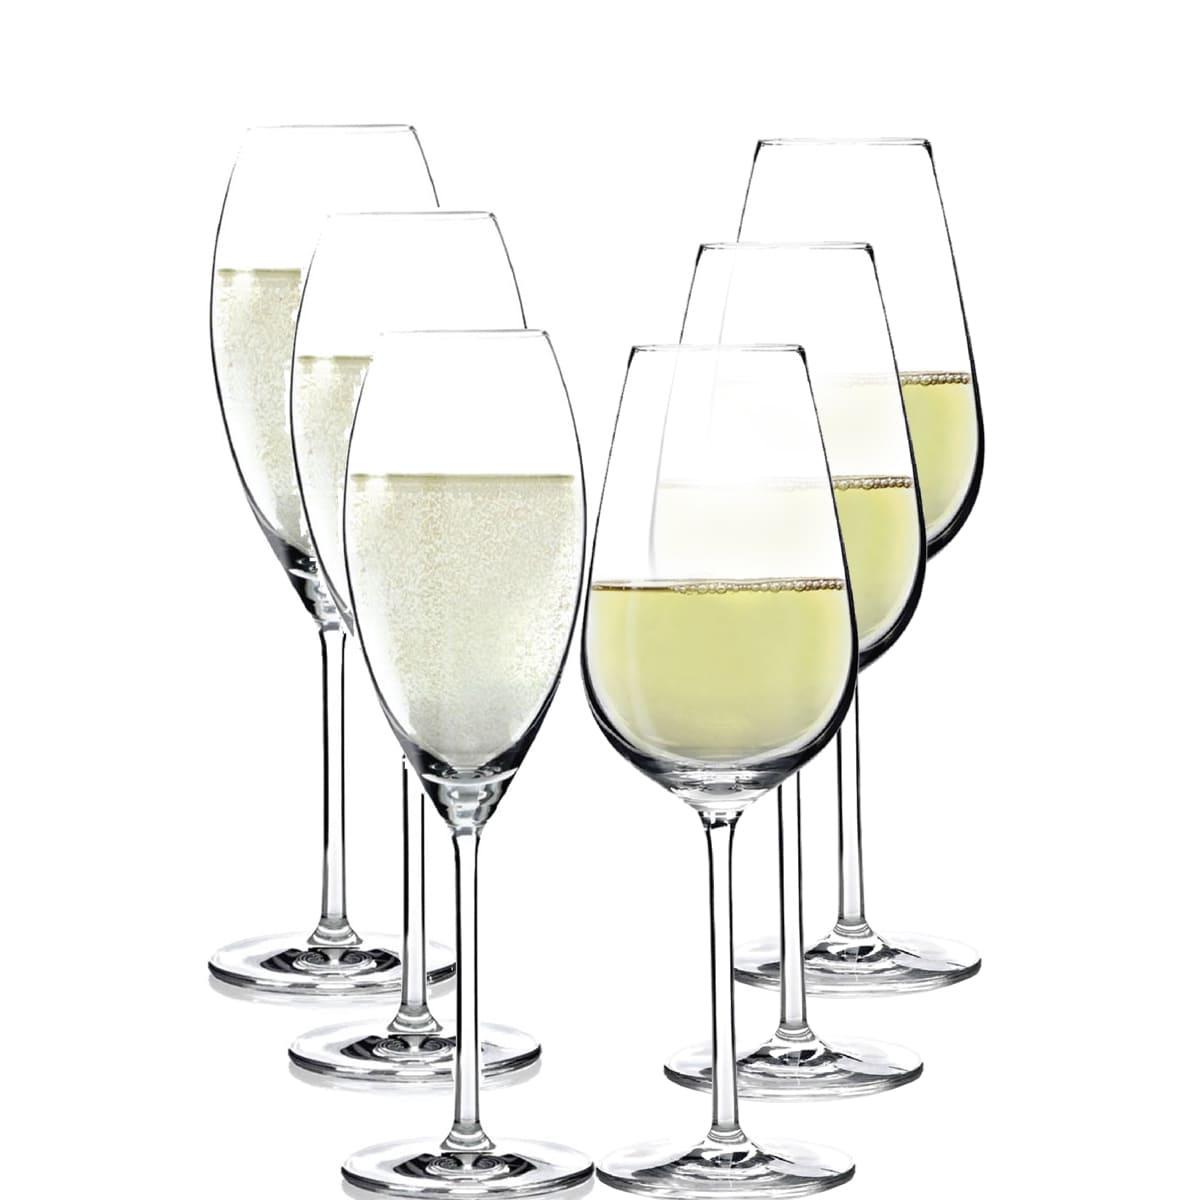 Jogo de Taças de Vinho Branco e Champanhe 6 Peças Ritzenhoff